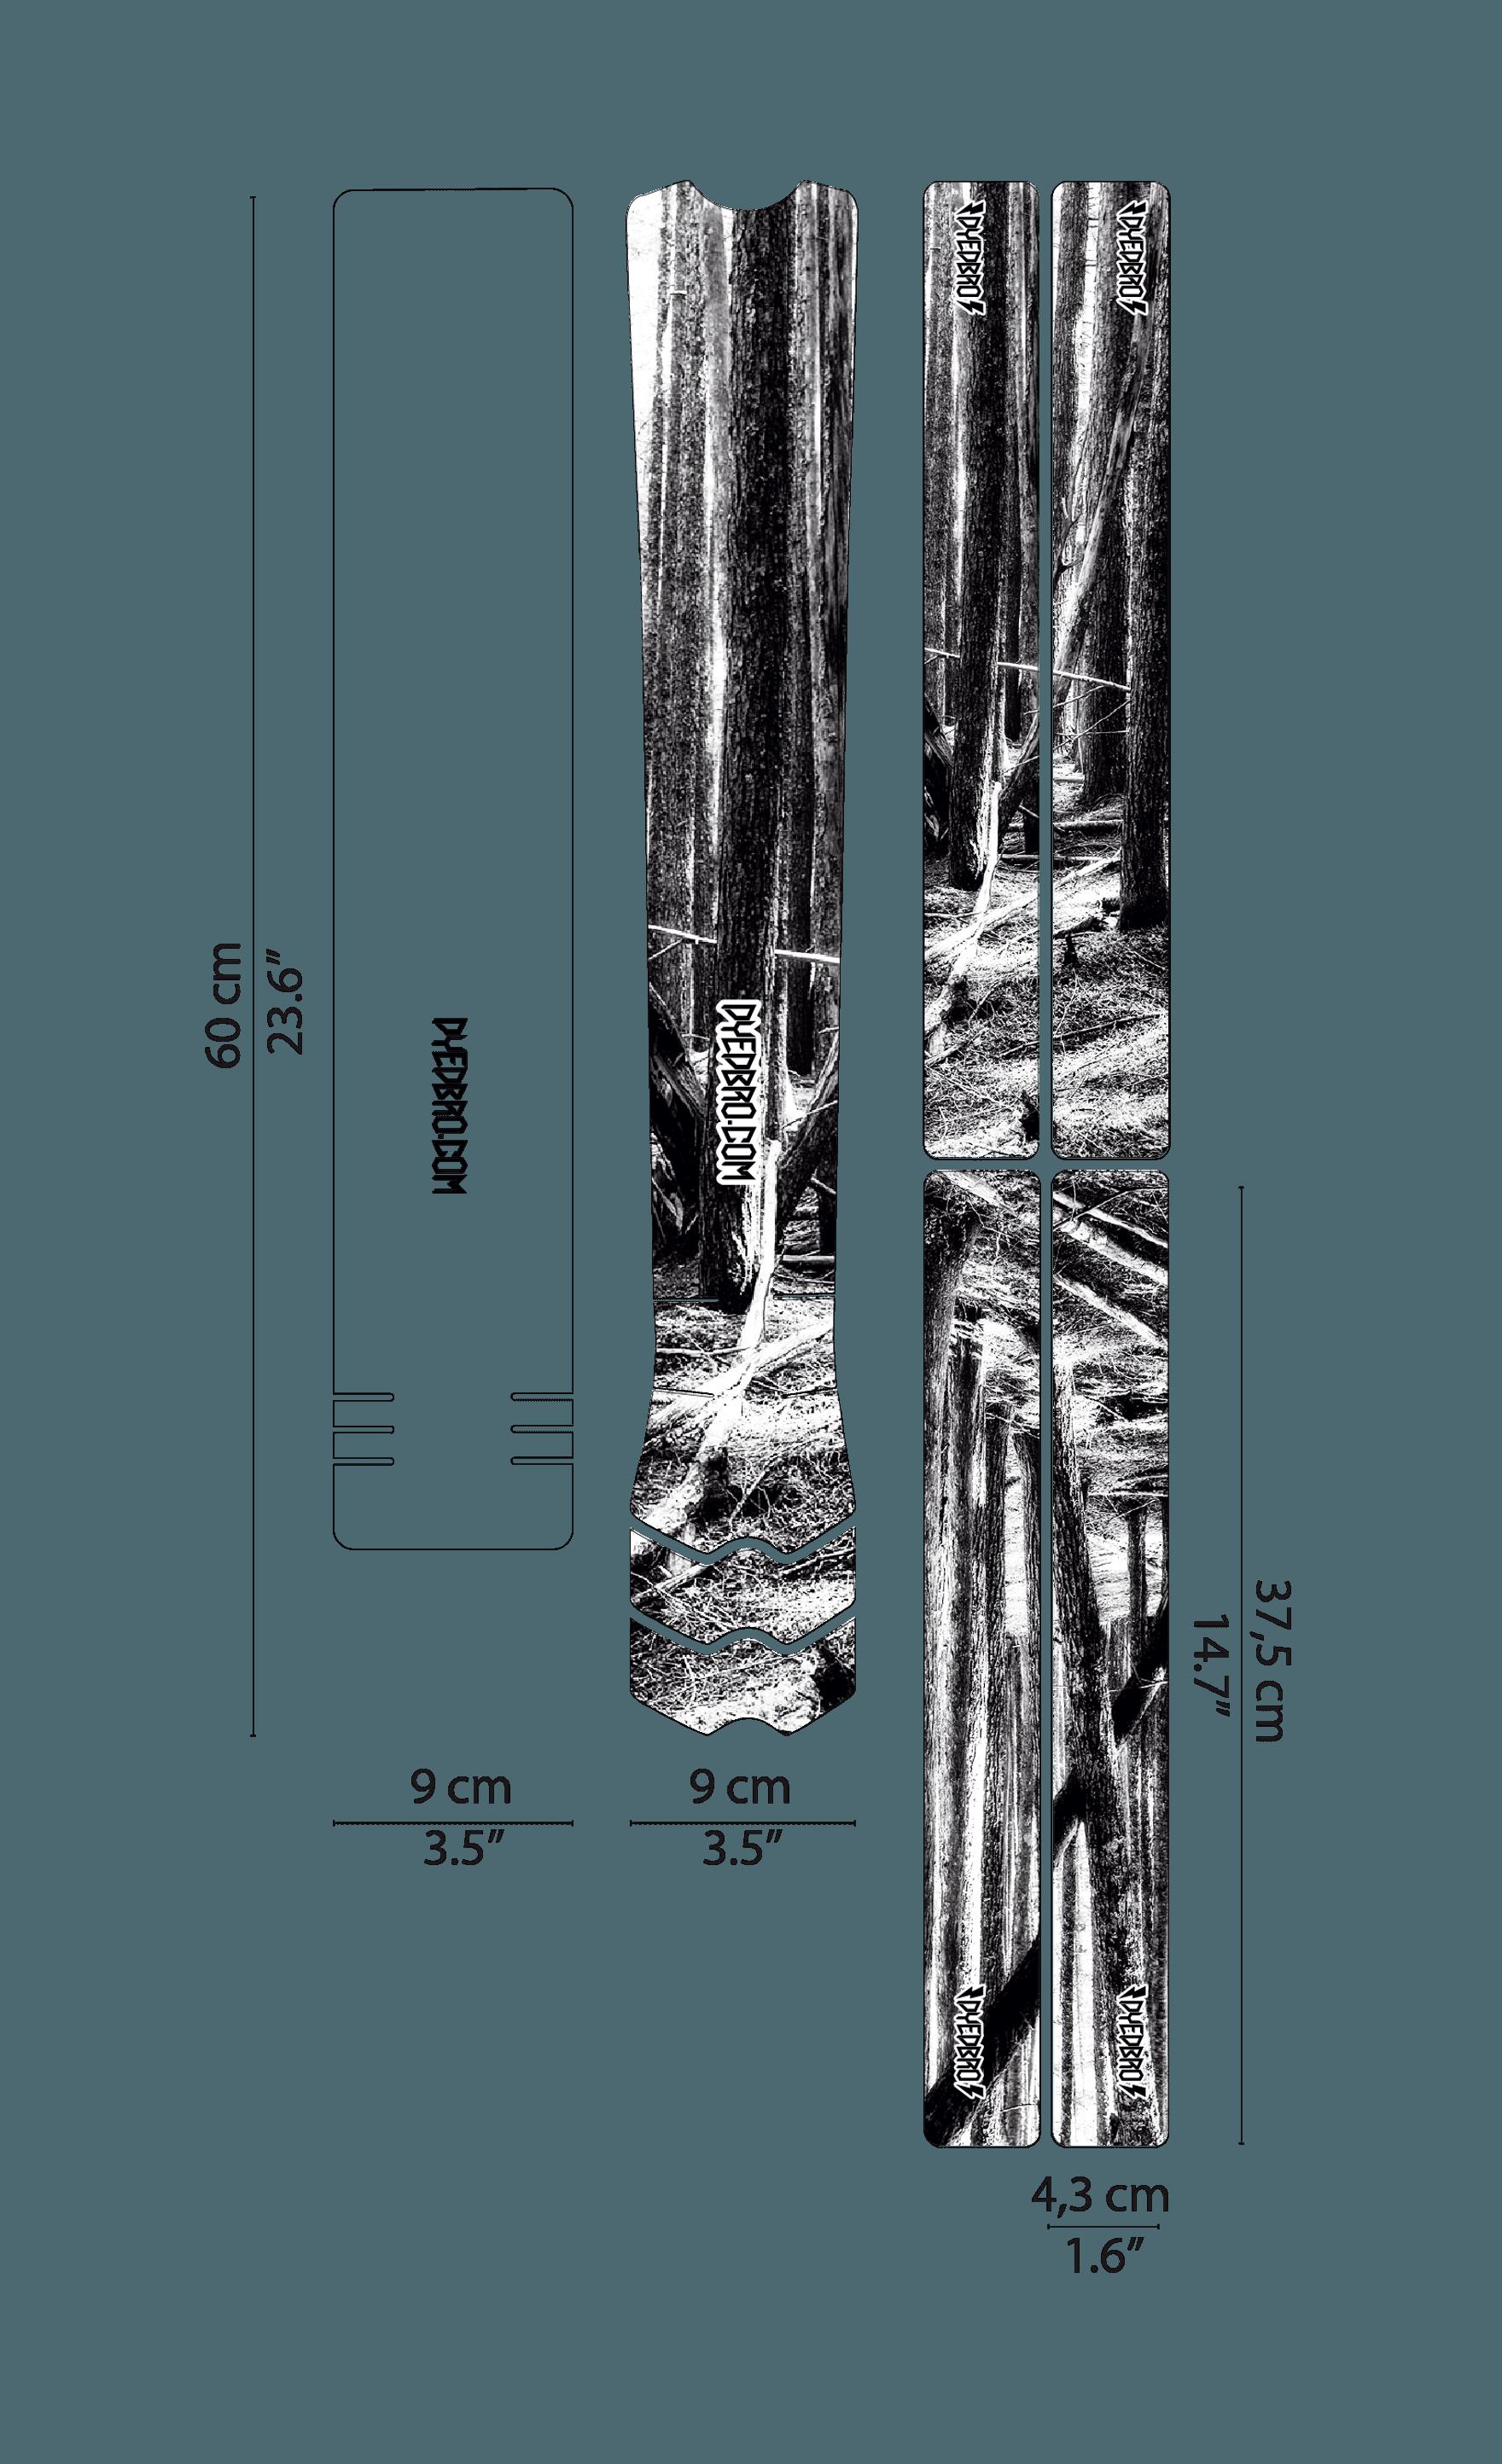 DYEDBRO A MARCOUX 01